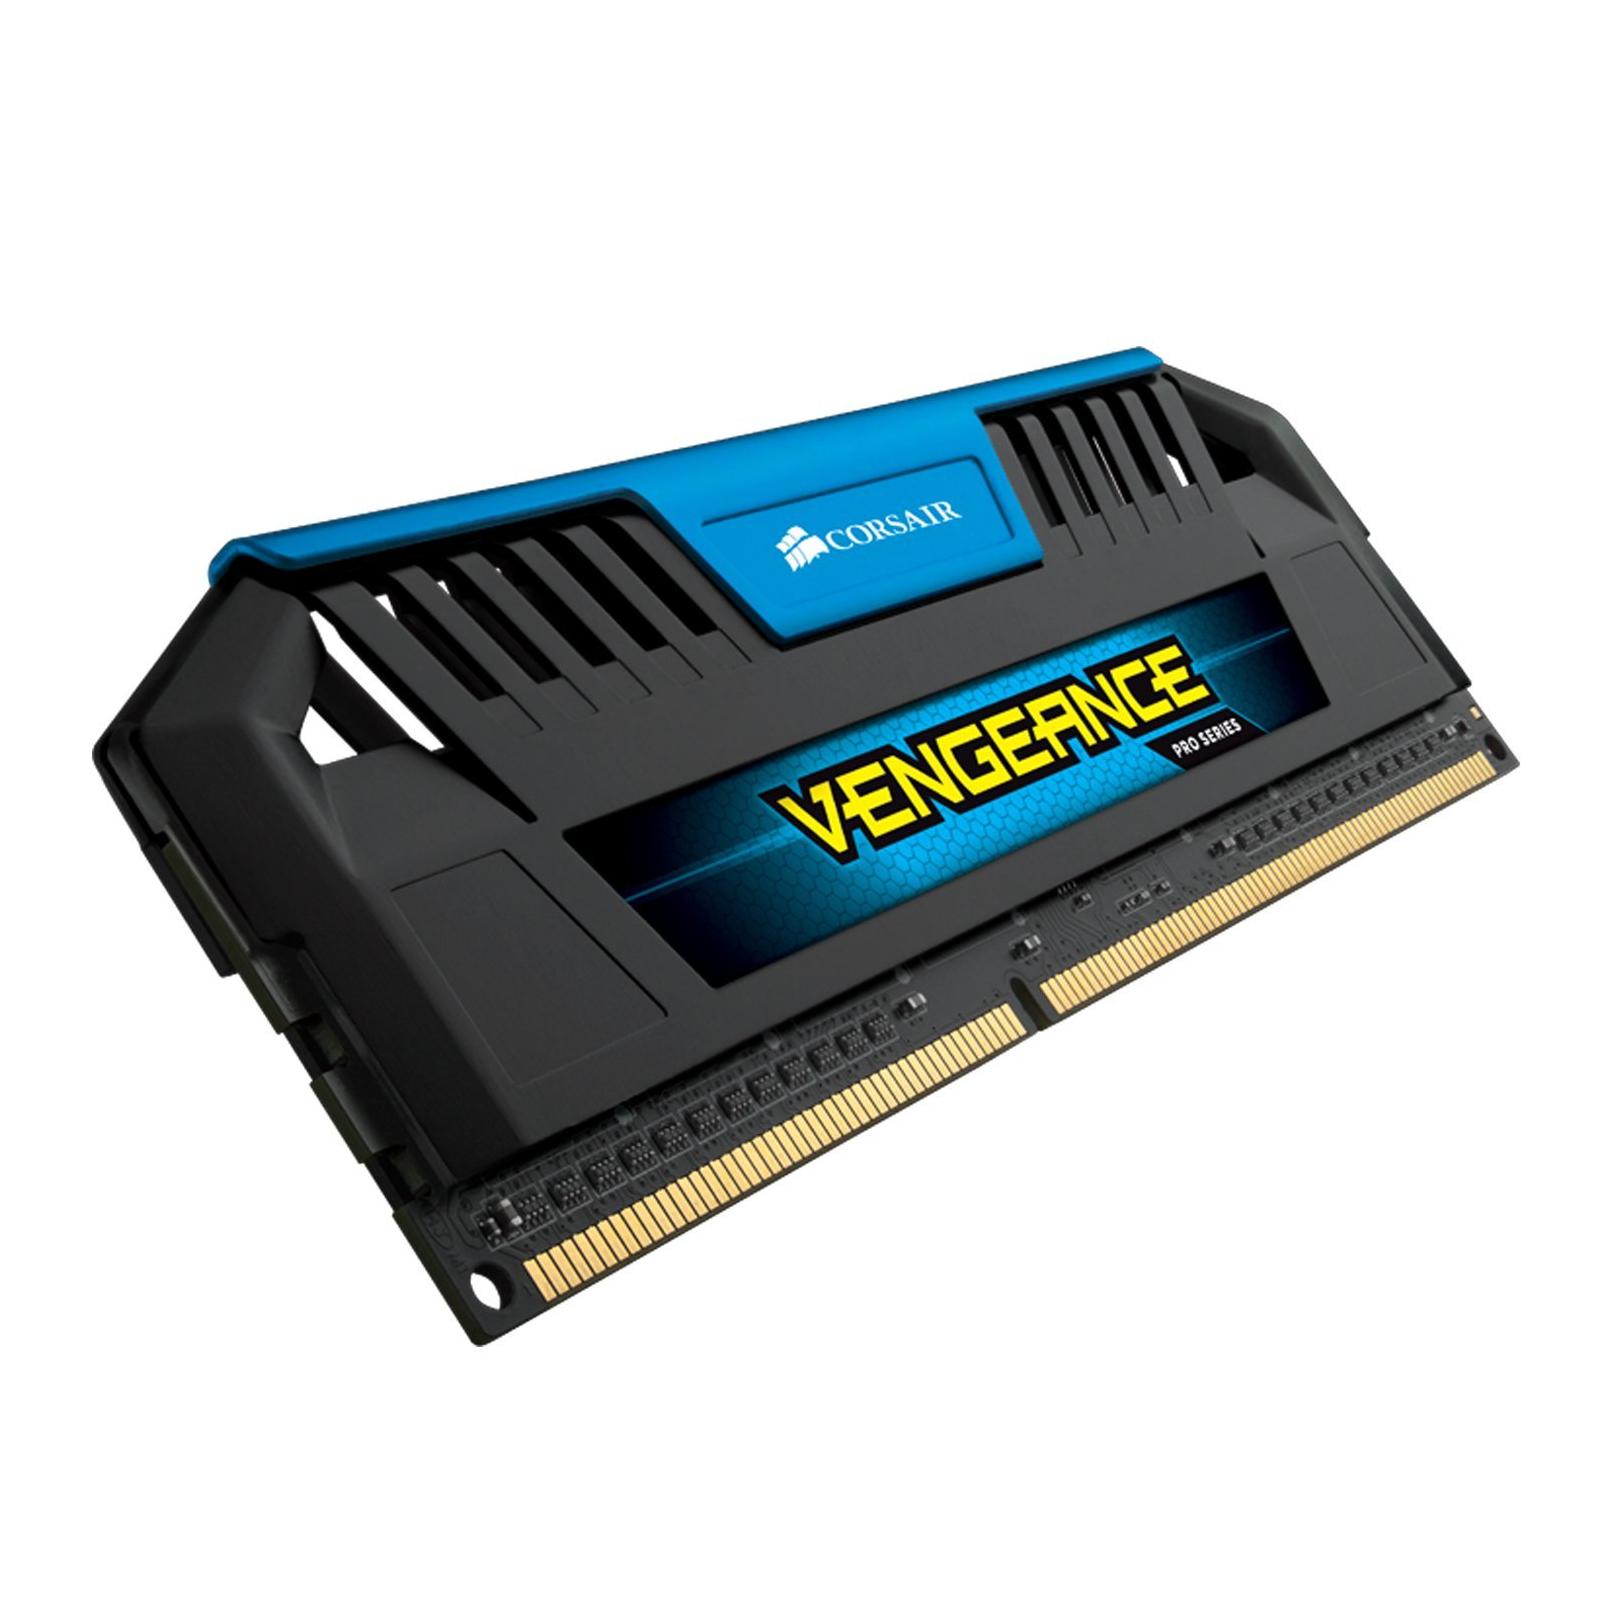 Модуль памяти для компьютера DDR3 8GB (2x4GB) 1600 MHz CORSAIR (CMY8GX3M2A1600C9B) изображение 3